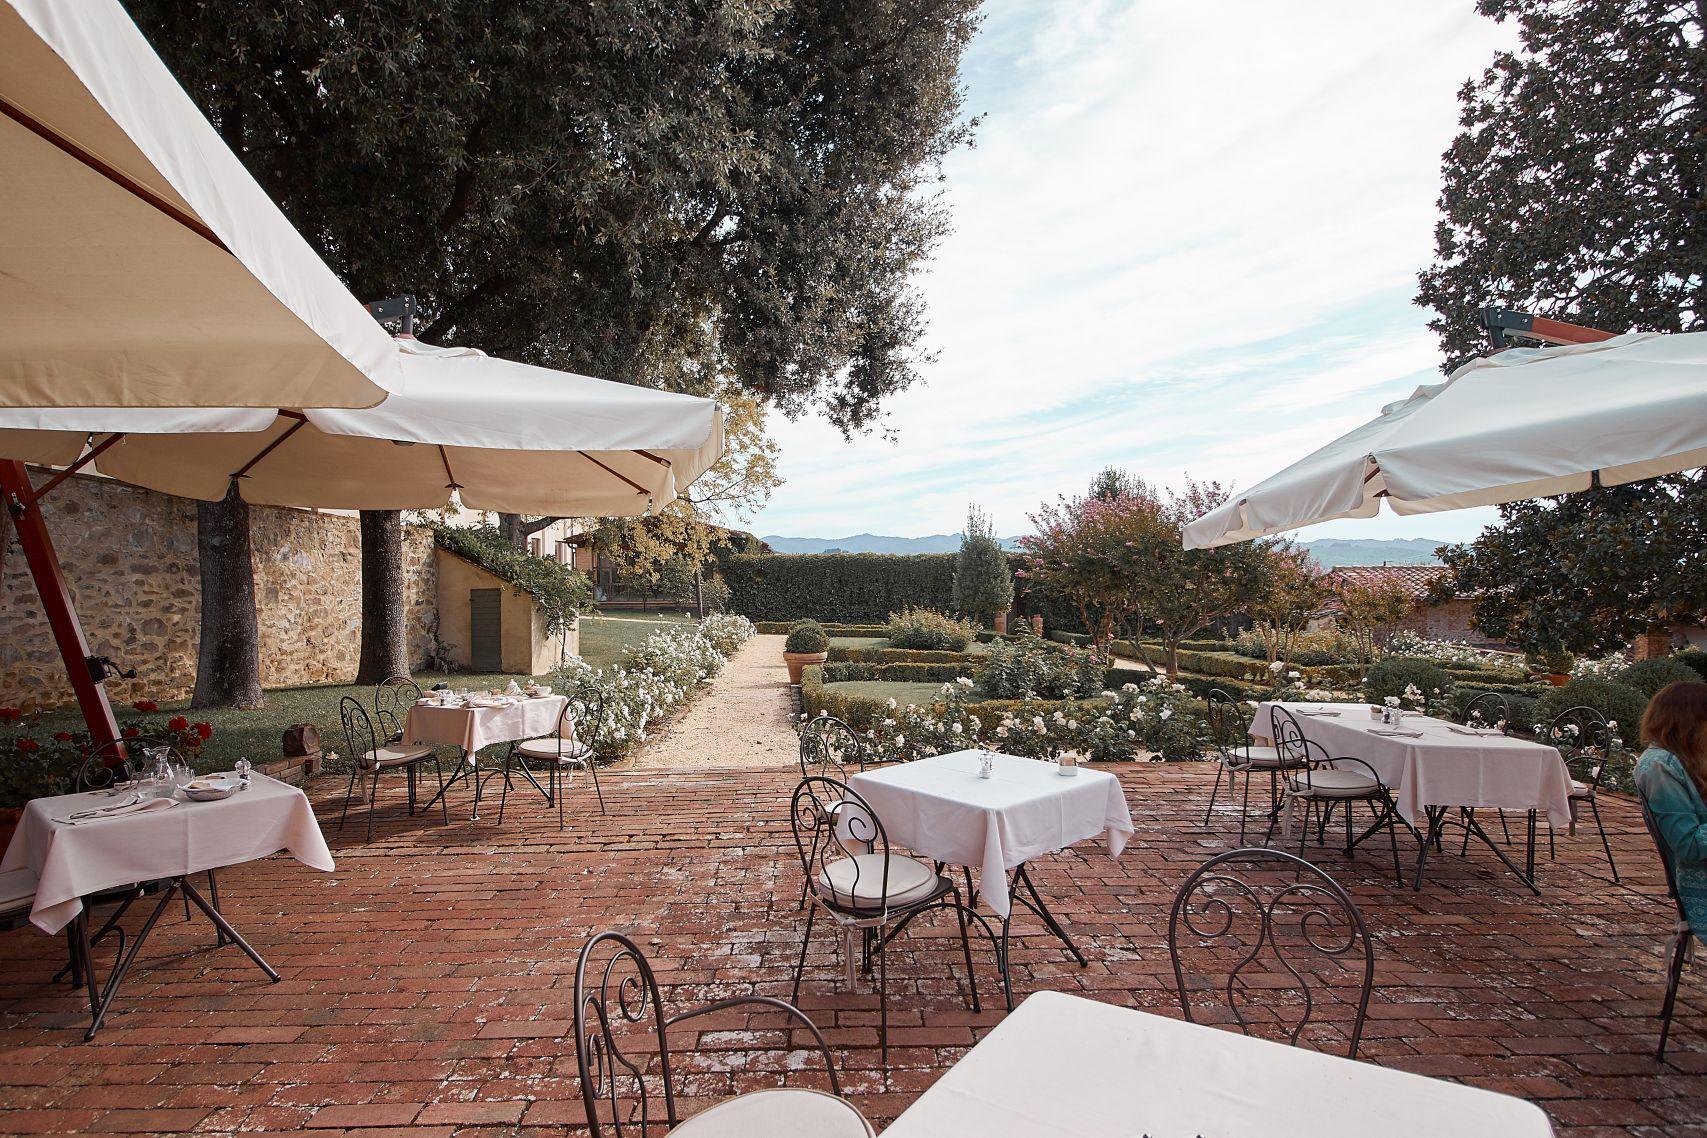 Dievole Wine Resort in Siena als Unterkunft vom Toskana Roadtrip